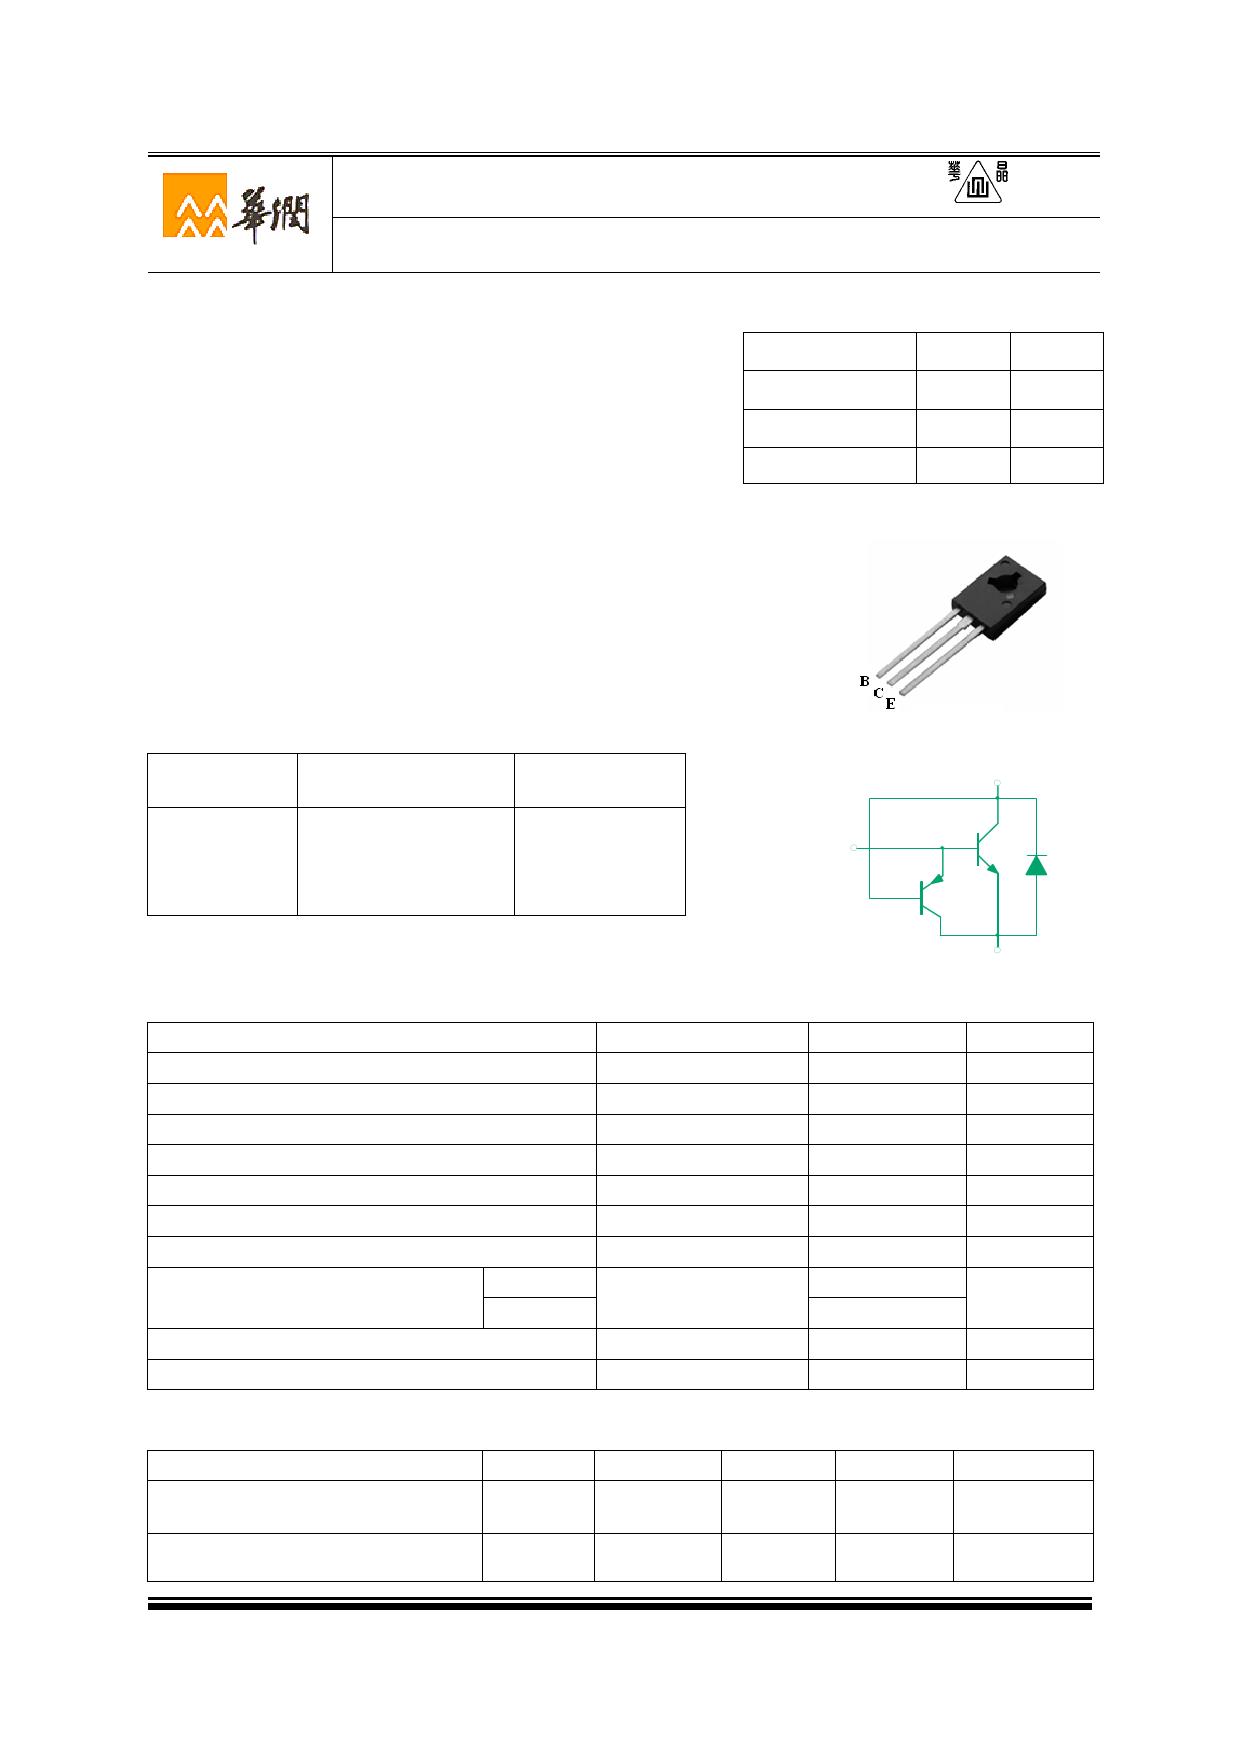 3DD128FH6D Datasheet, 3DD128FH6D PDF,ピン配置, 機能